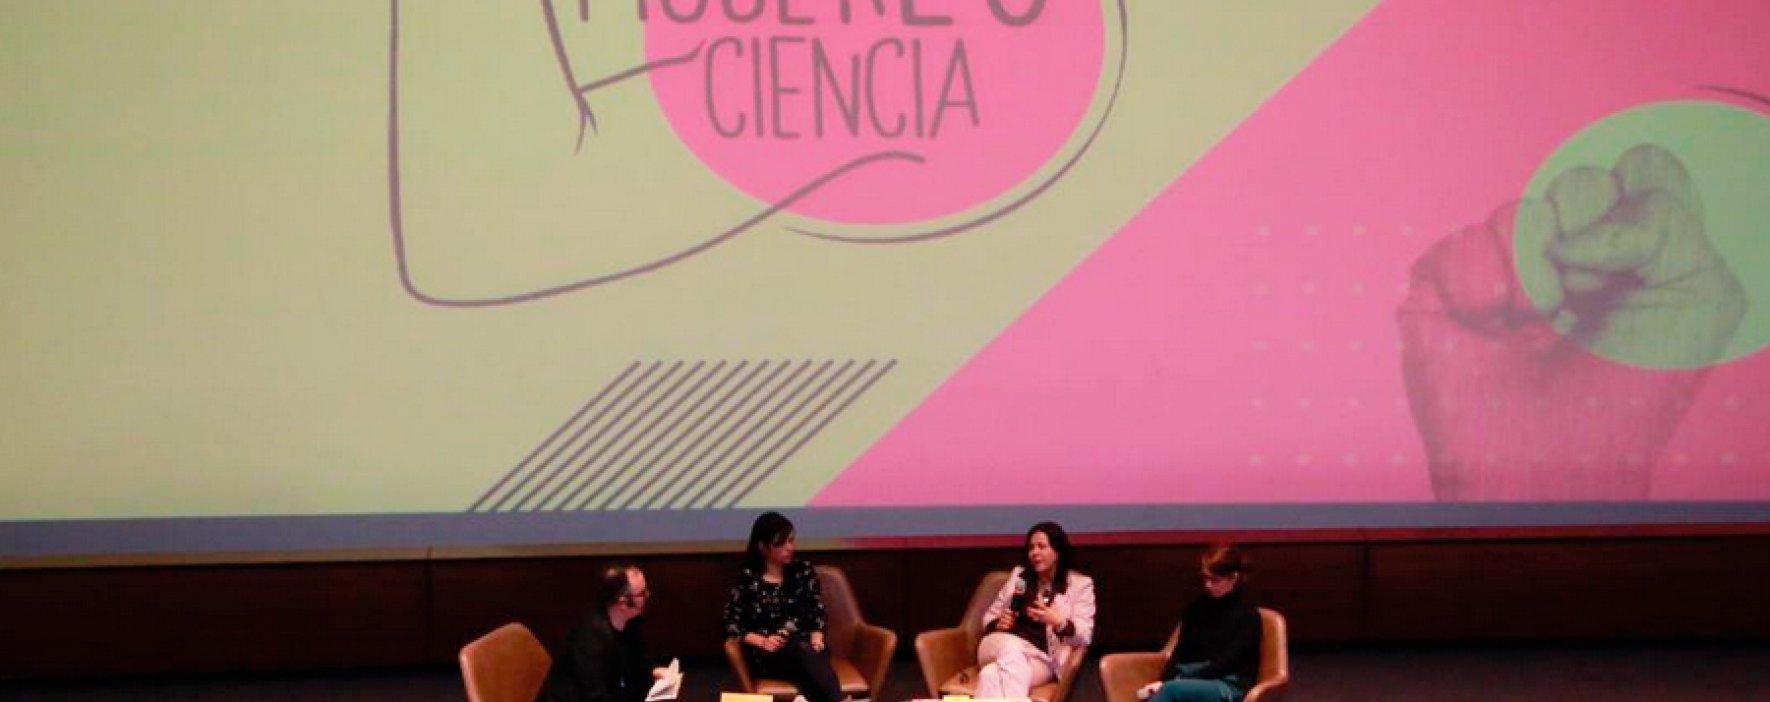 Nace MujerES Ciencia para visibilizar logros e impacto de las científicas colombianas